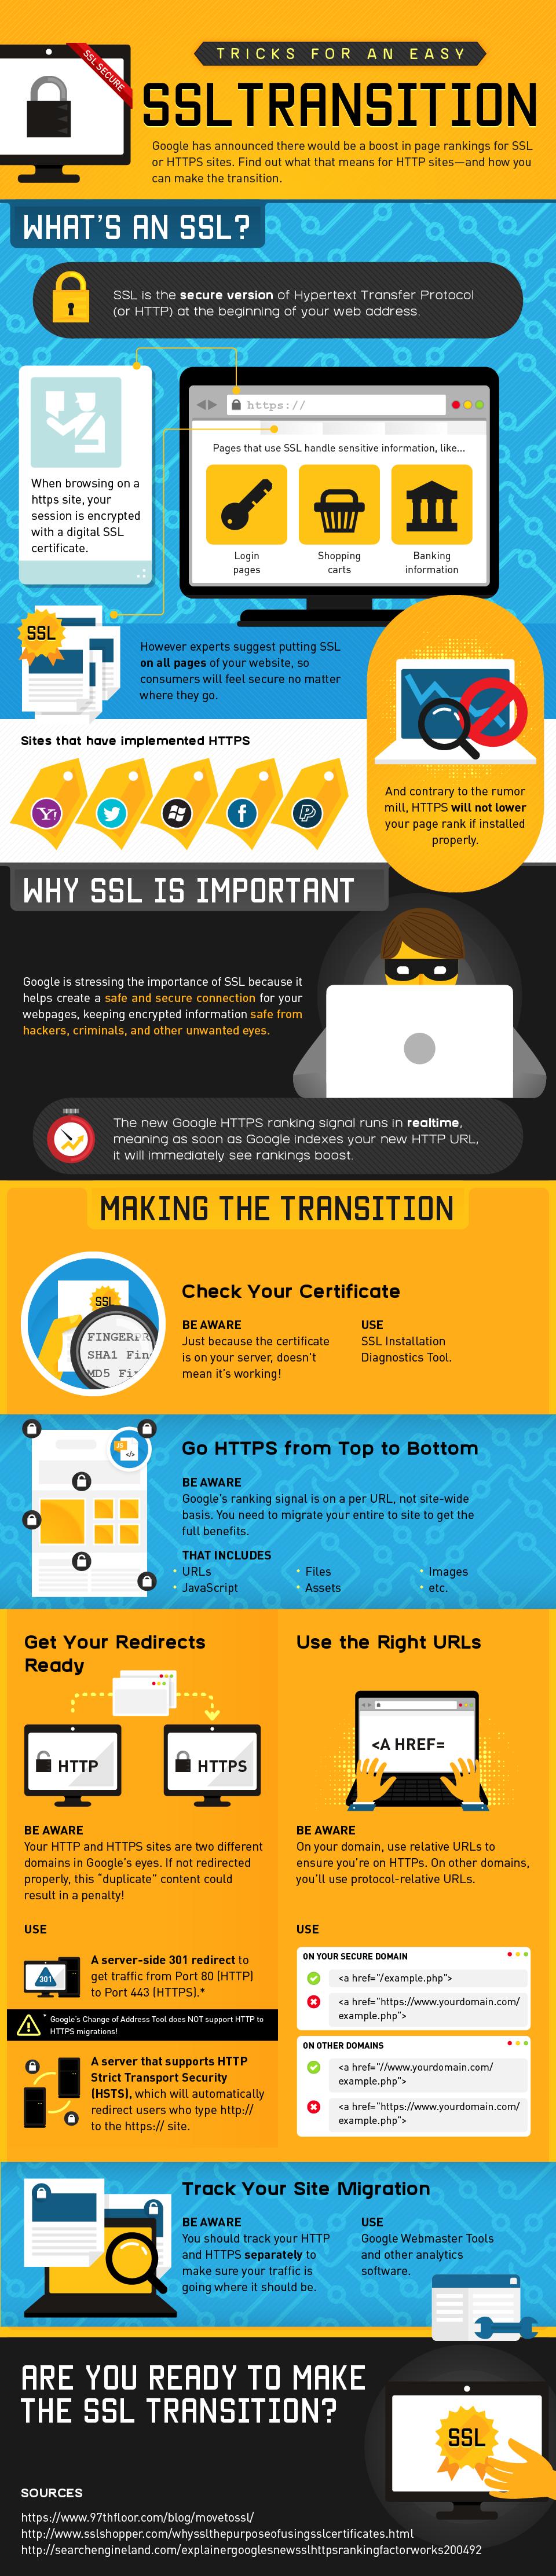 SSL Transition